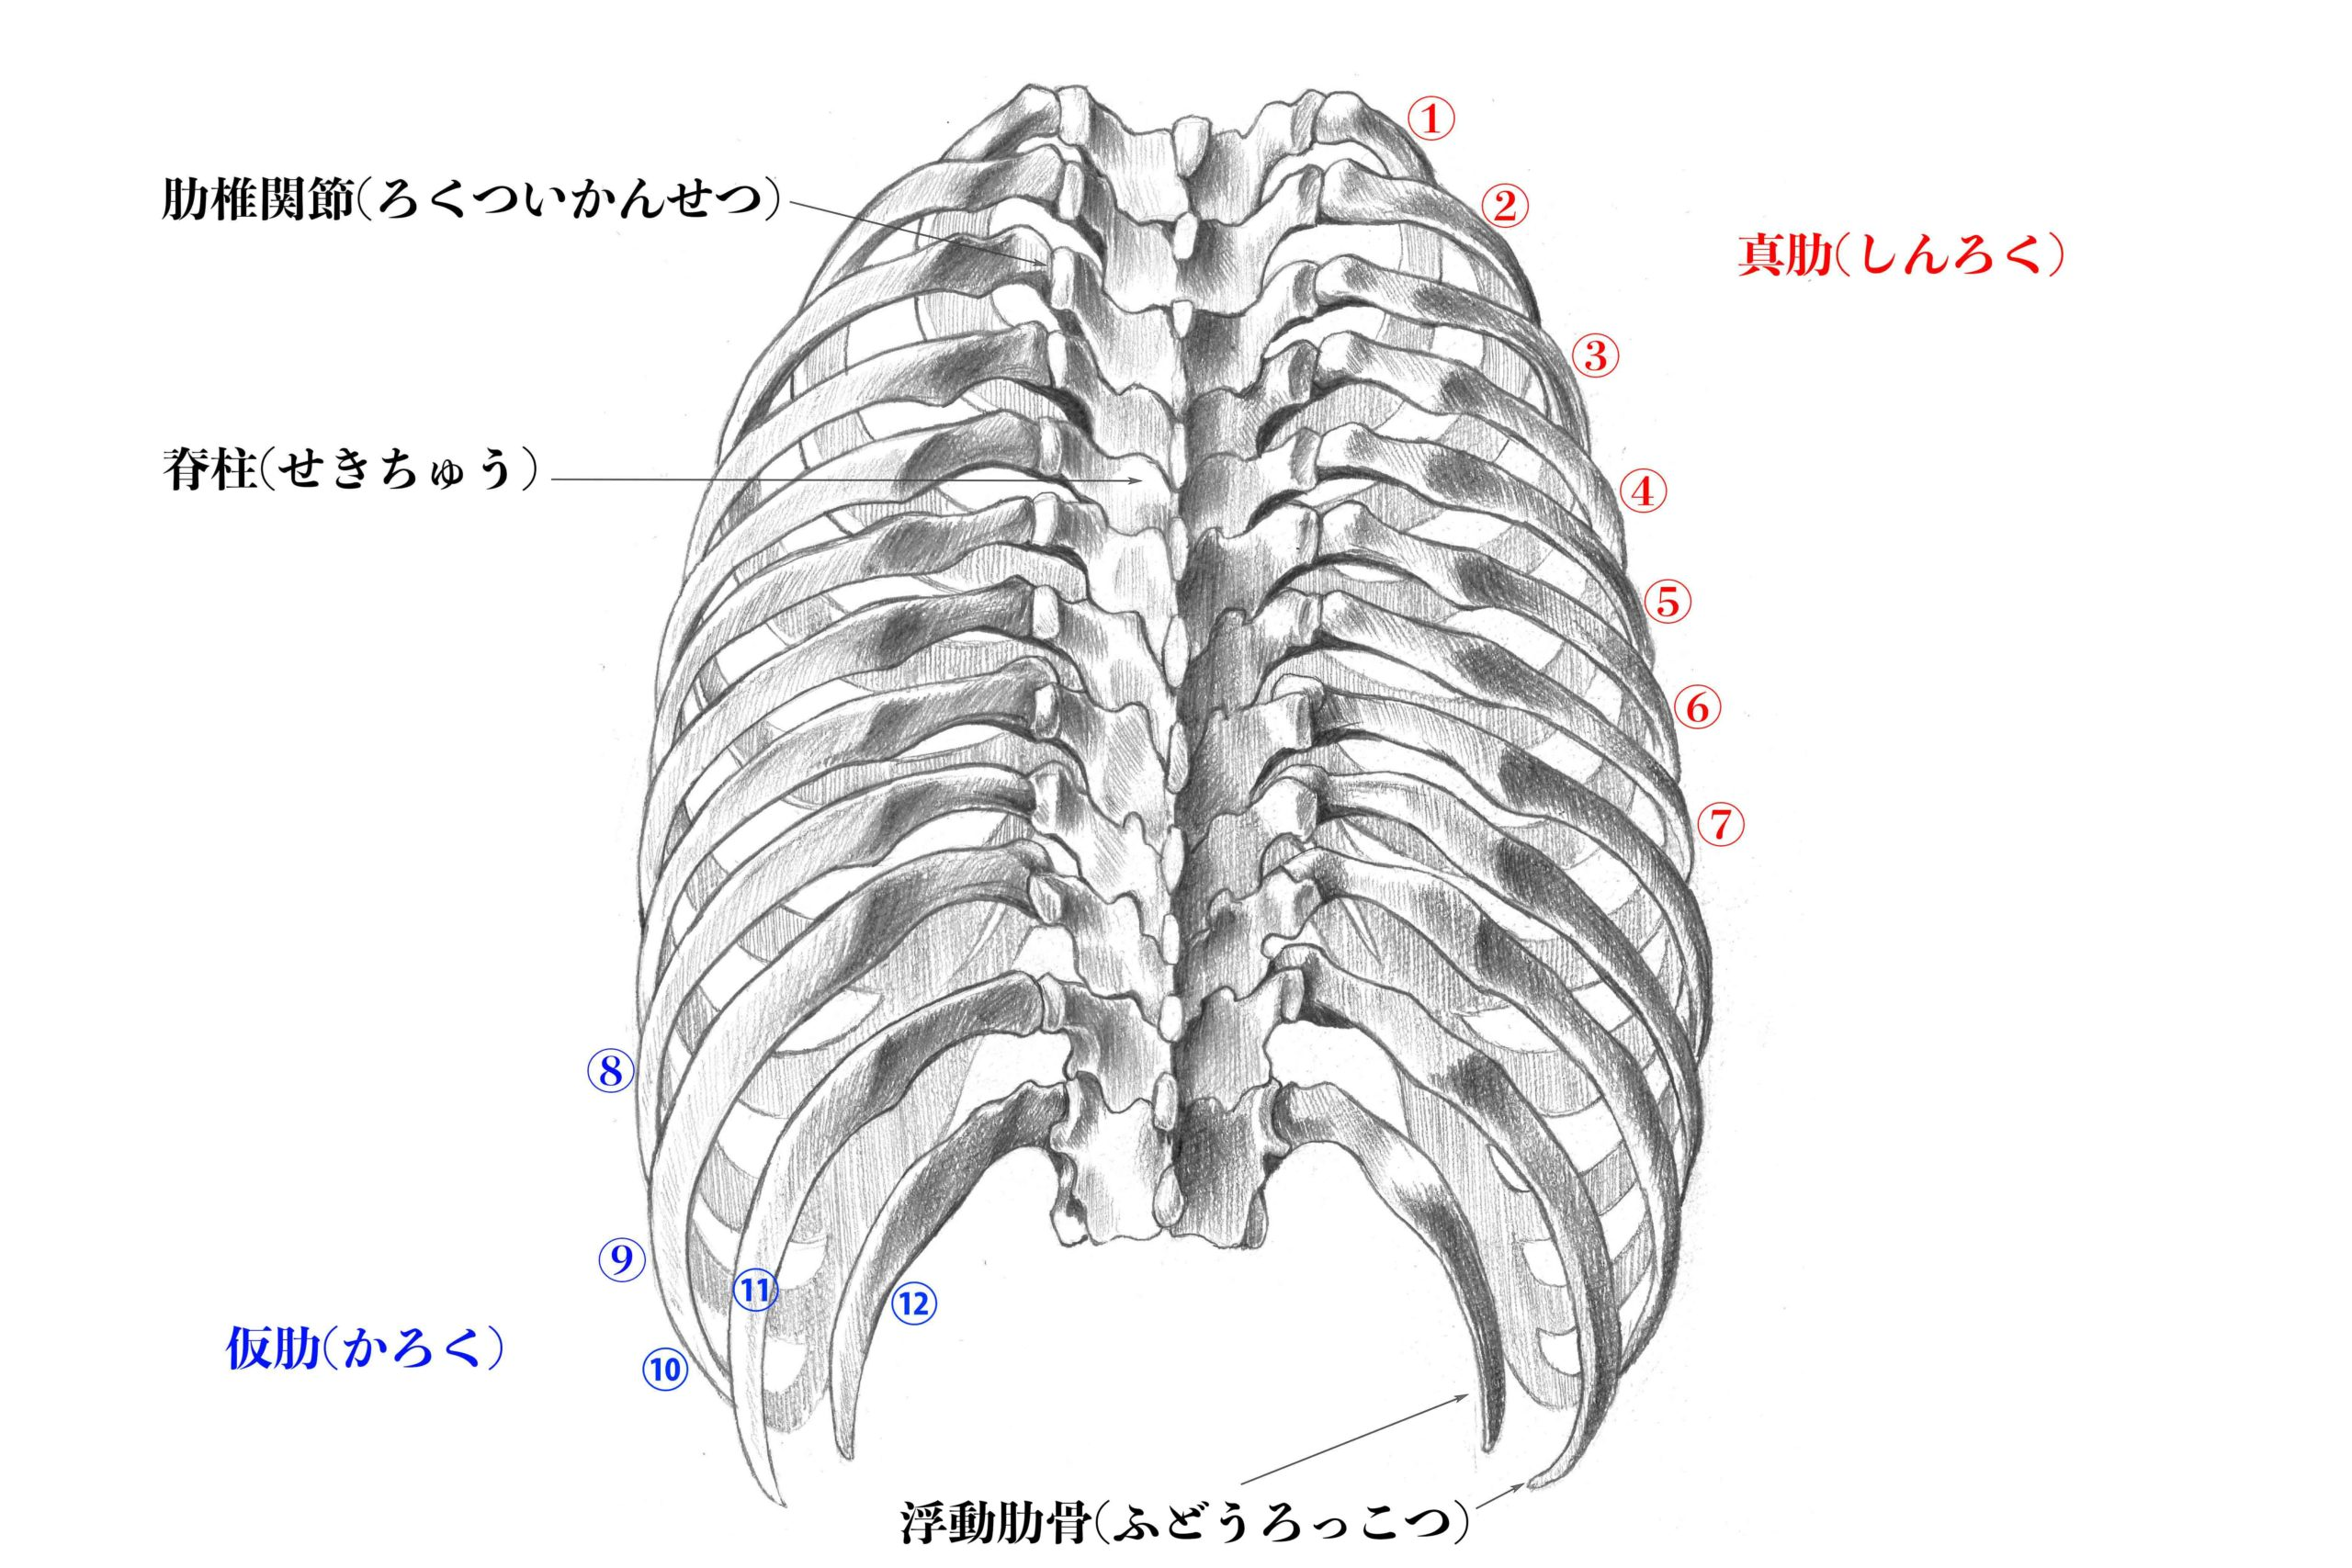 肋骨背面のスケッチ